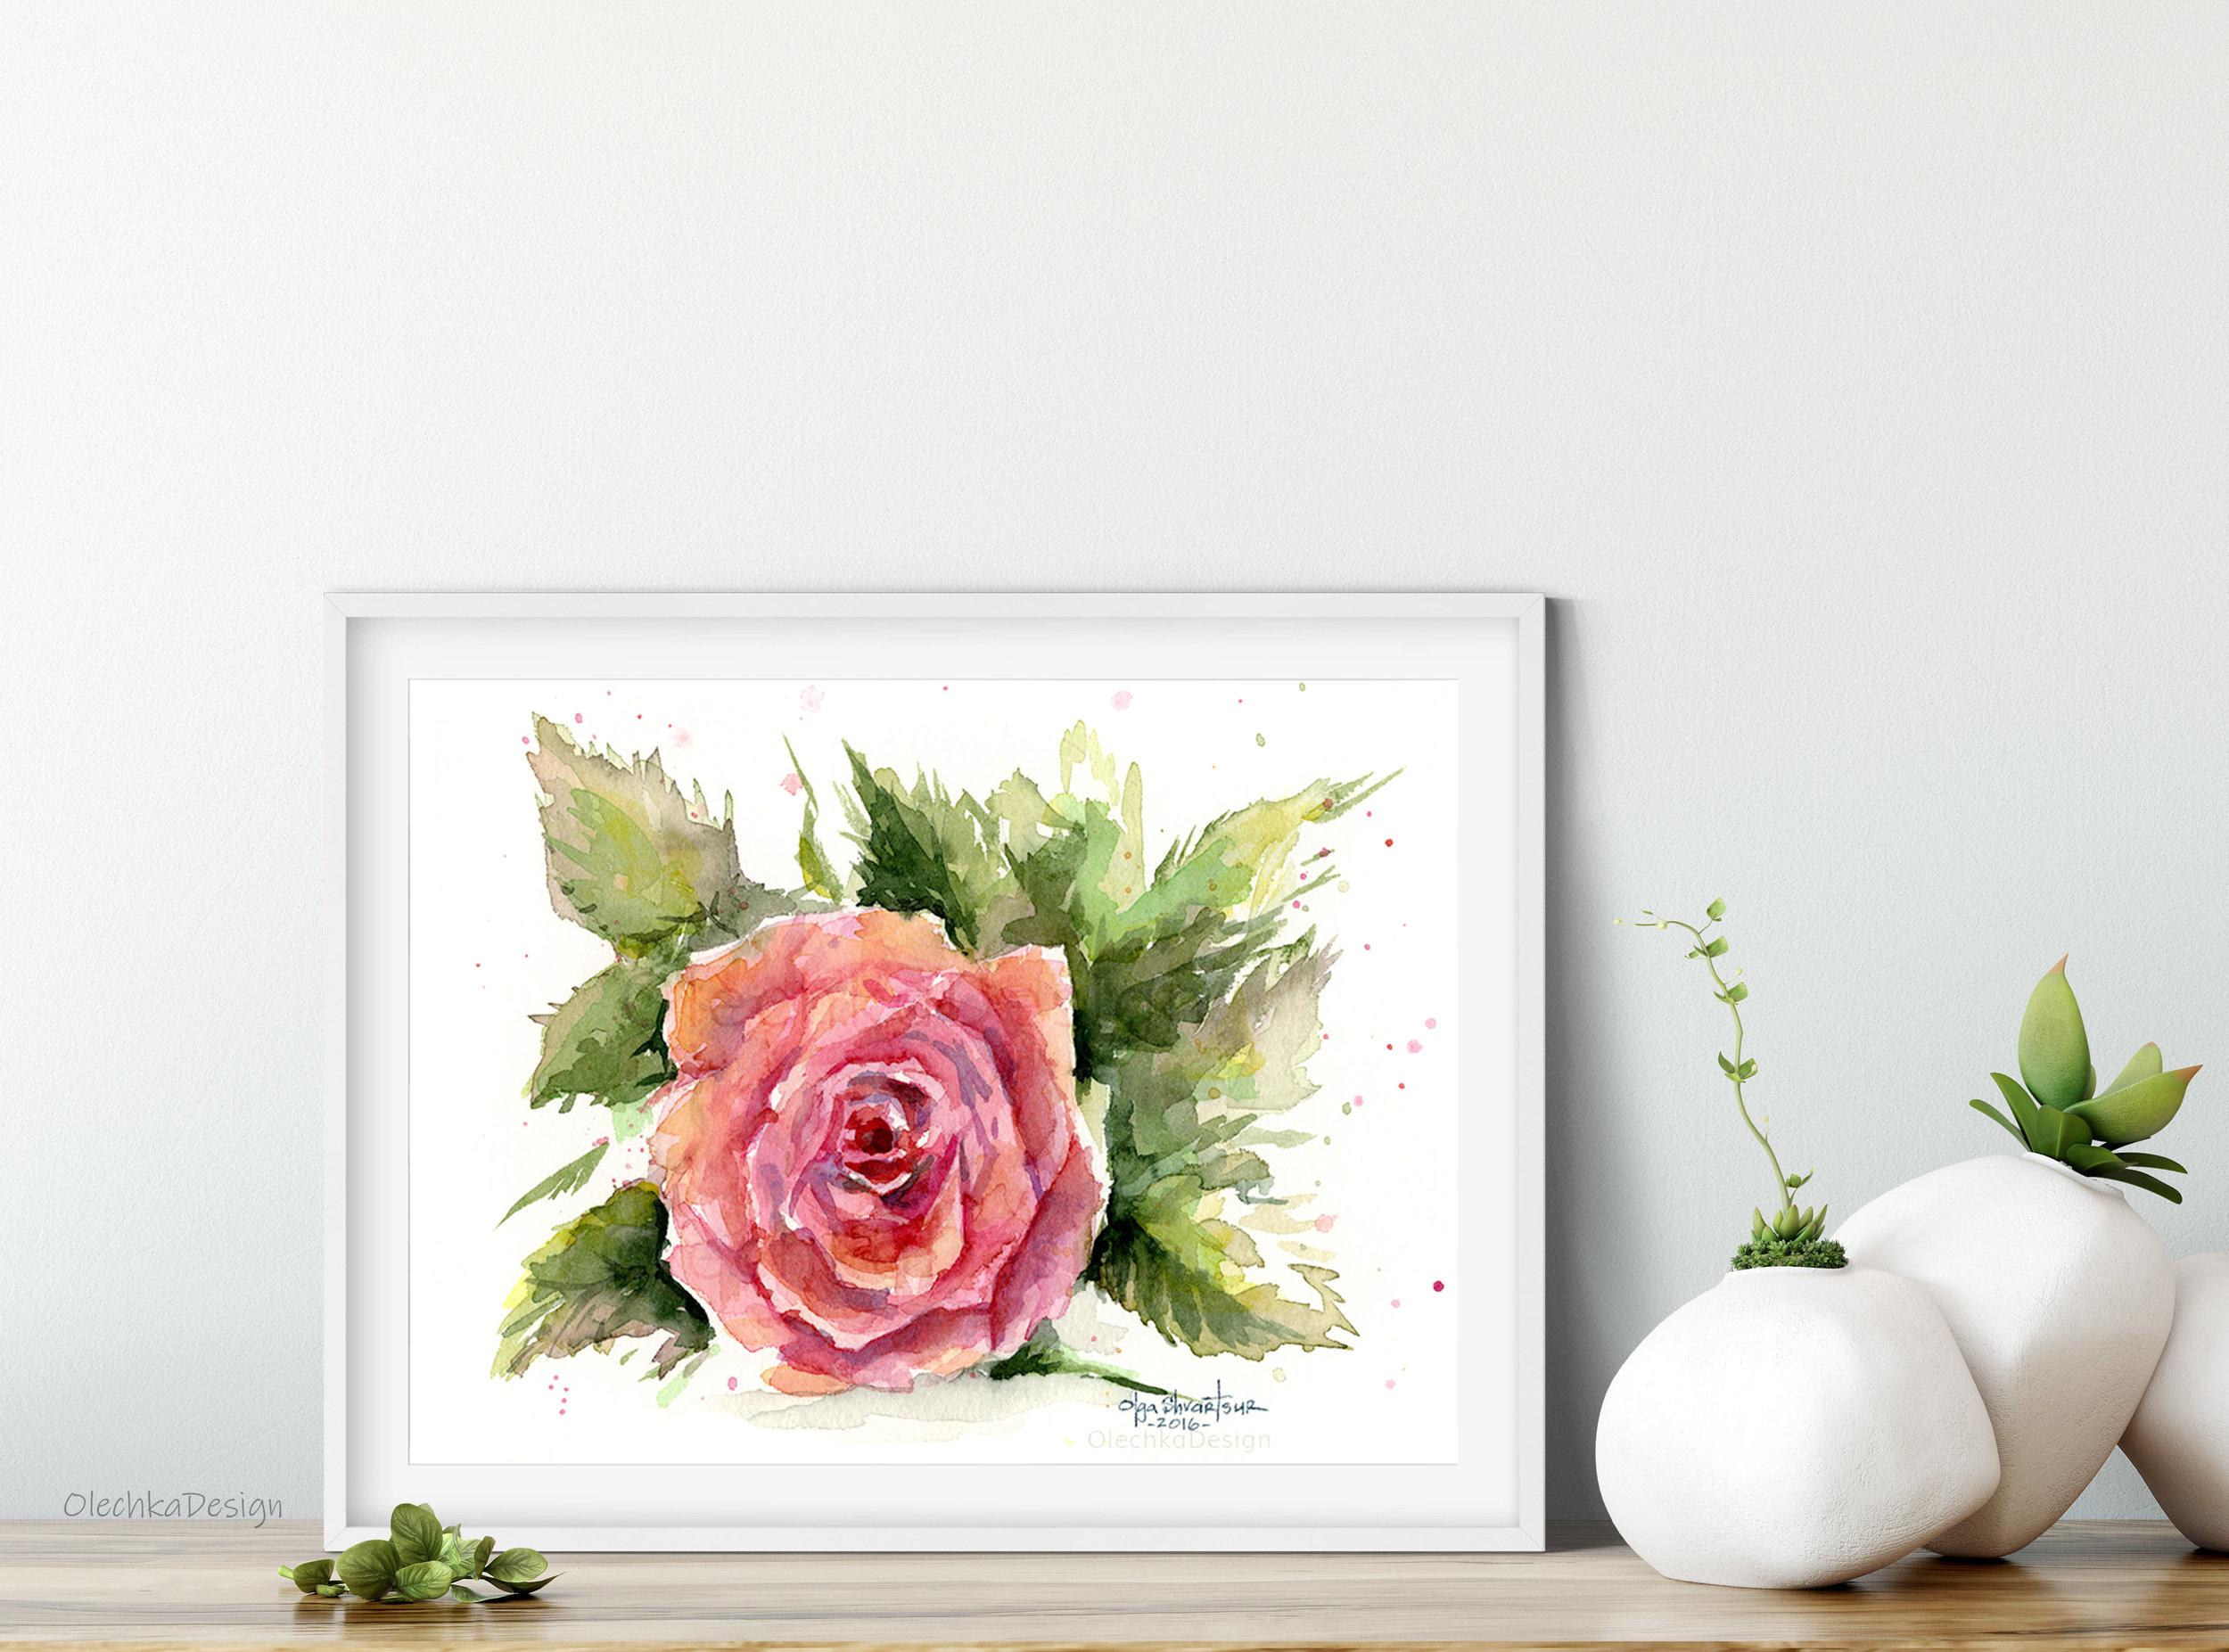 rose-watercolor-art-print.jpg